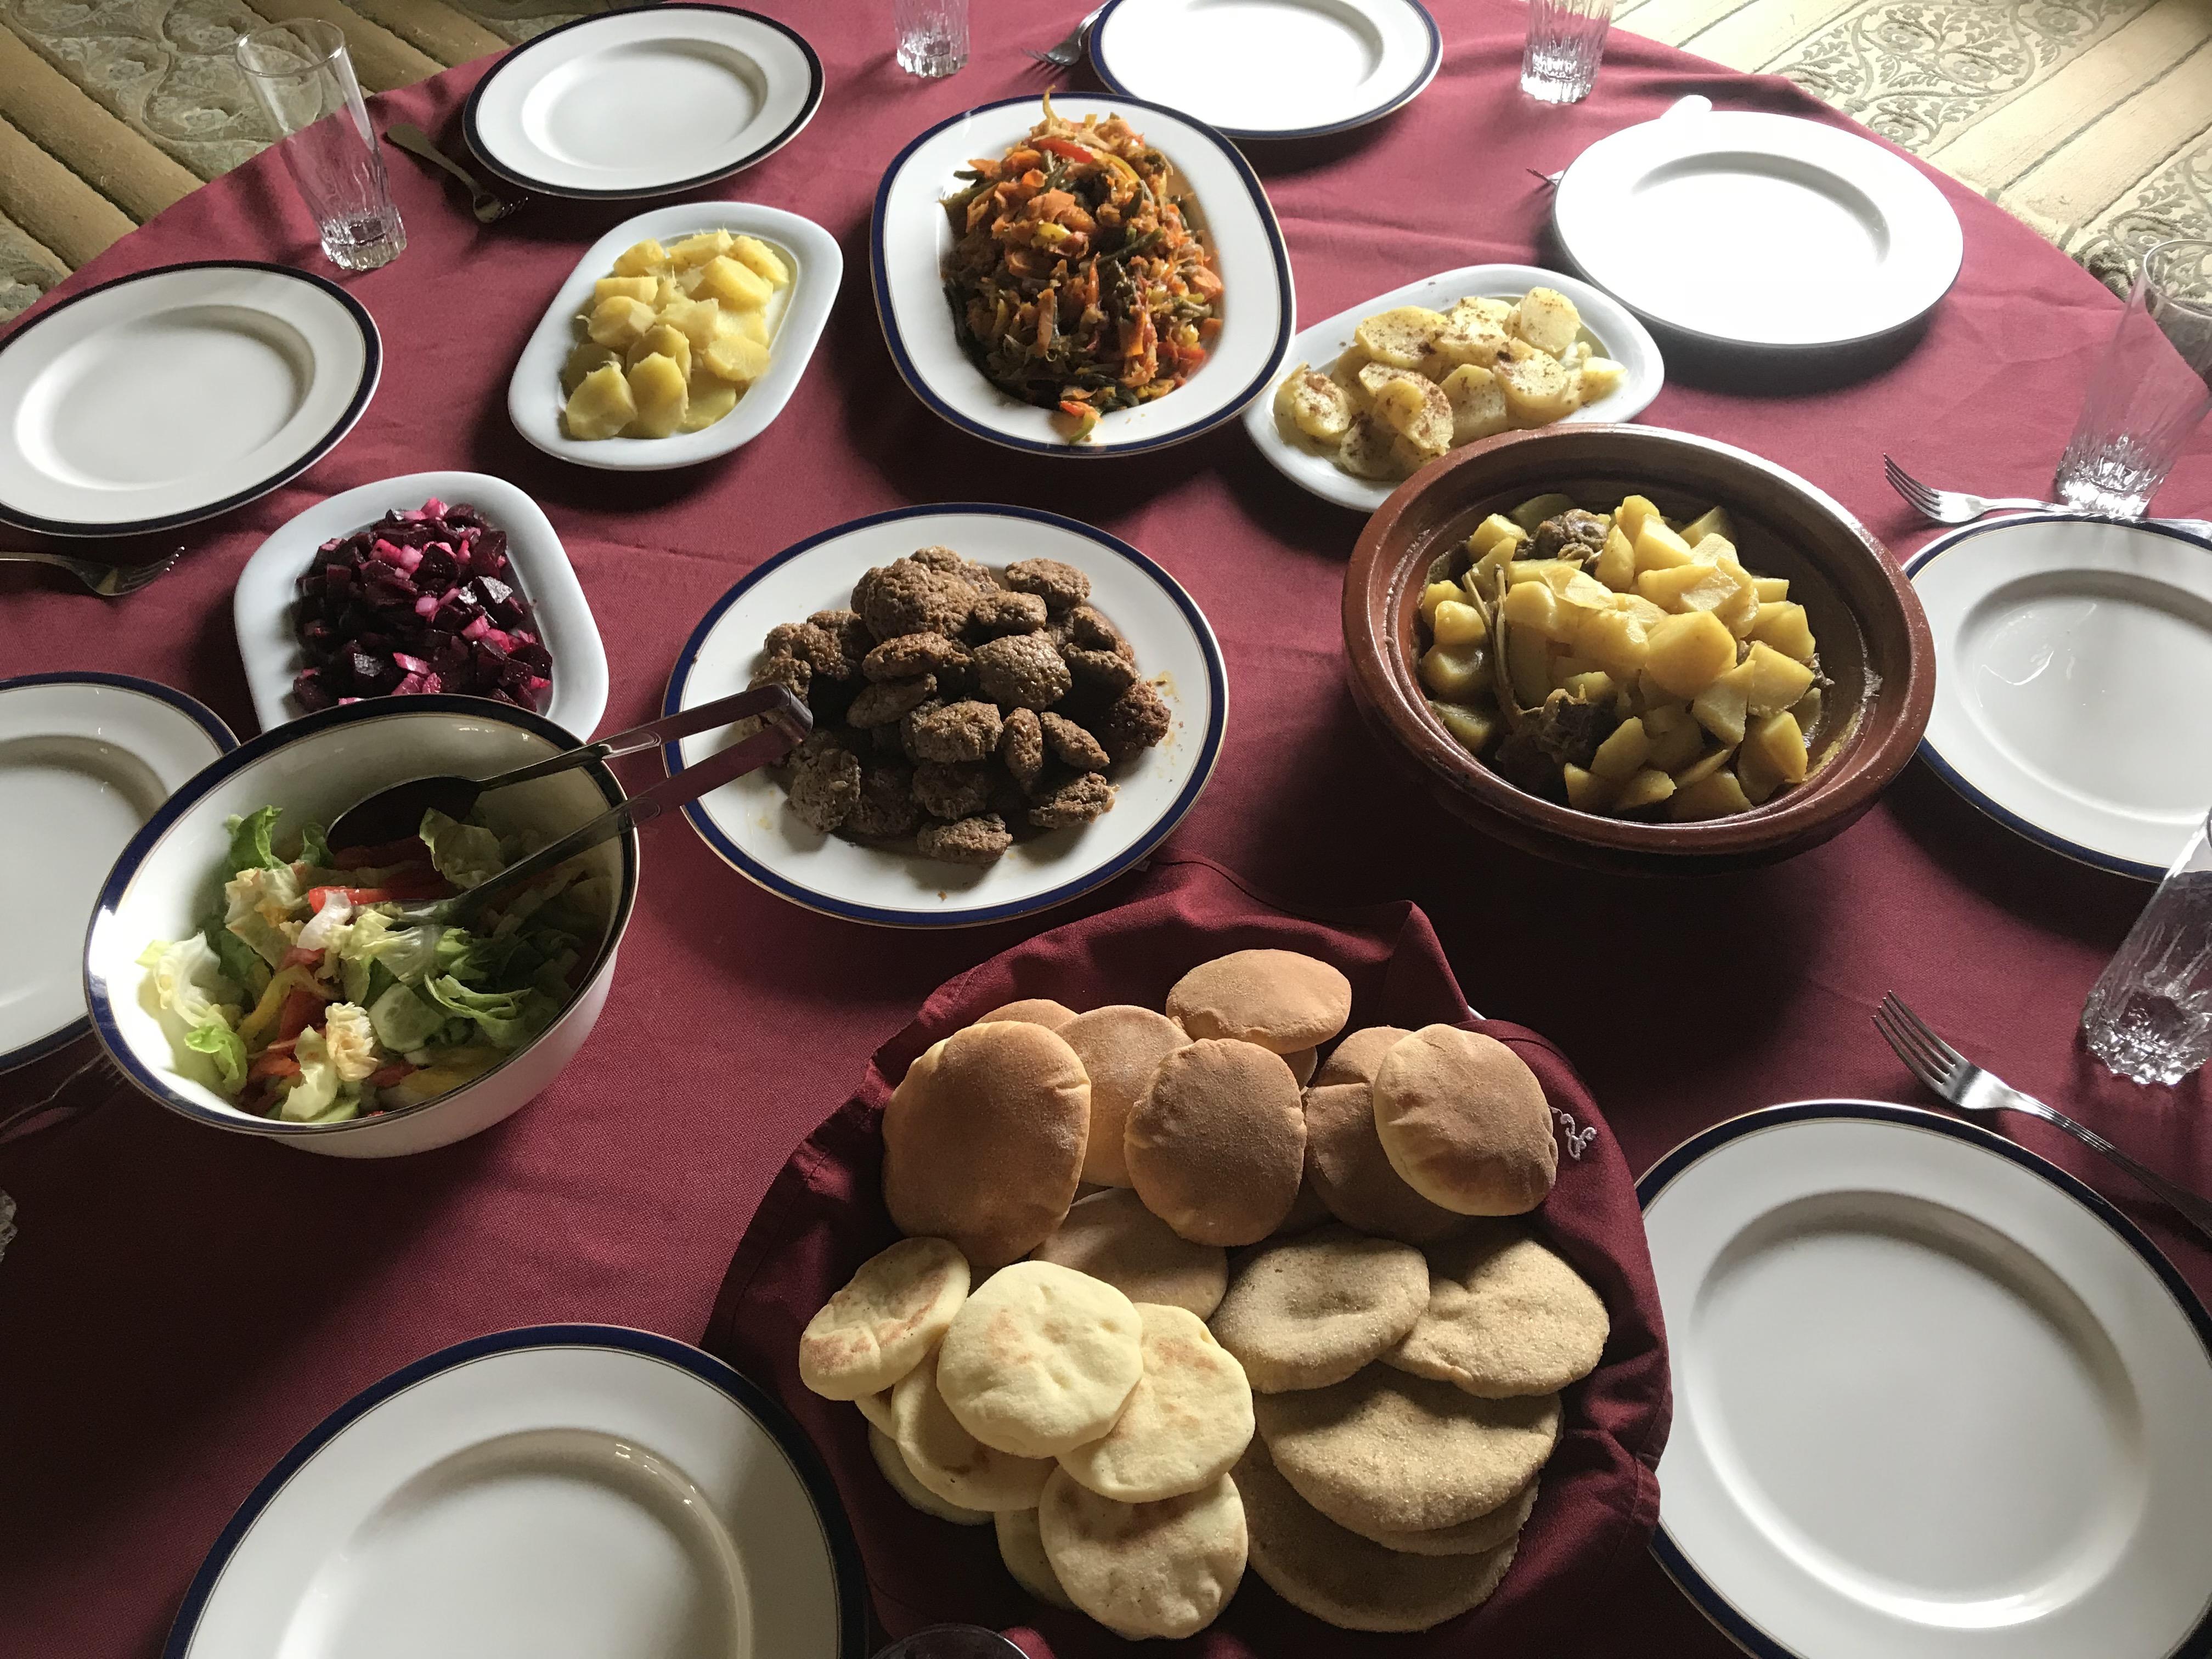 Vielfältige Speisen auf dem Familientisch.